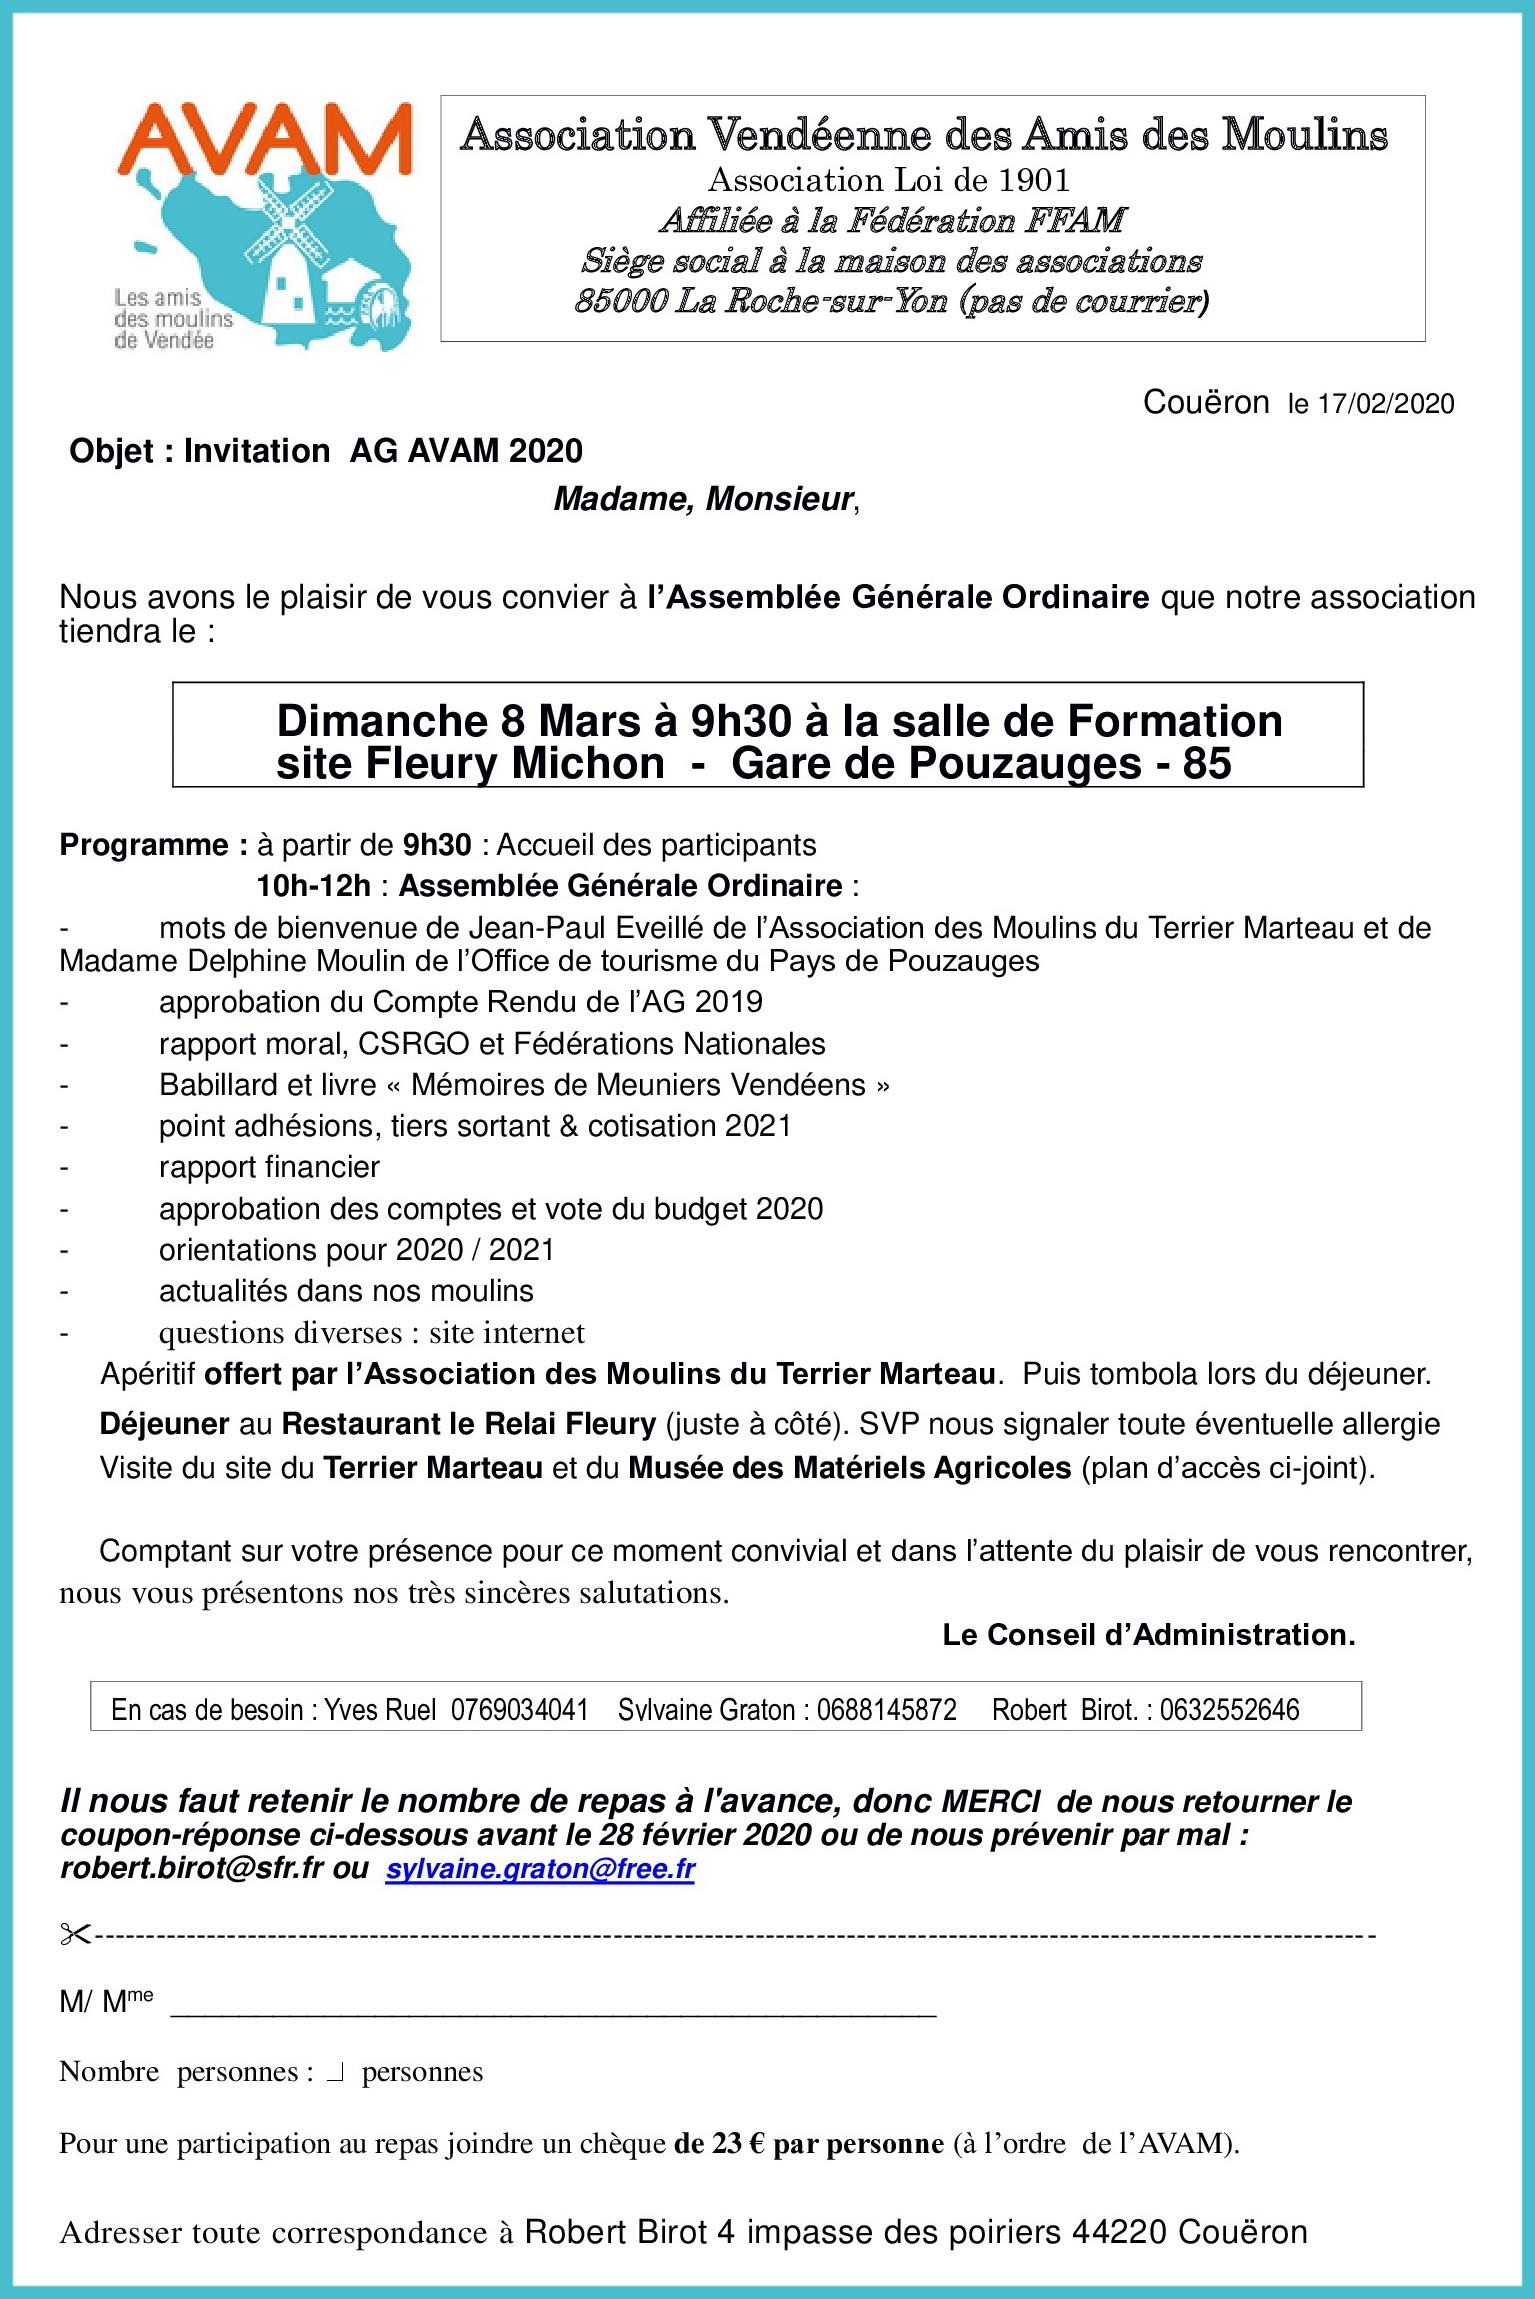 2020AVAM-AG-Invitation